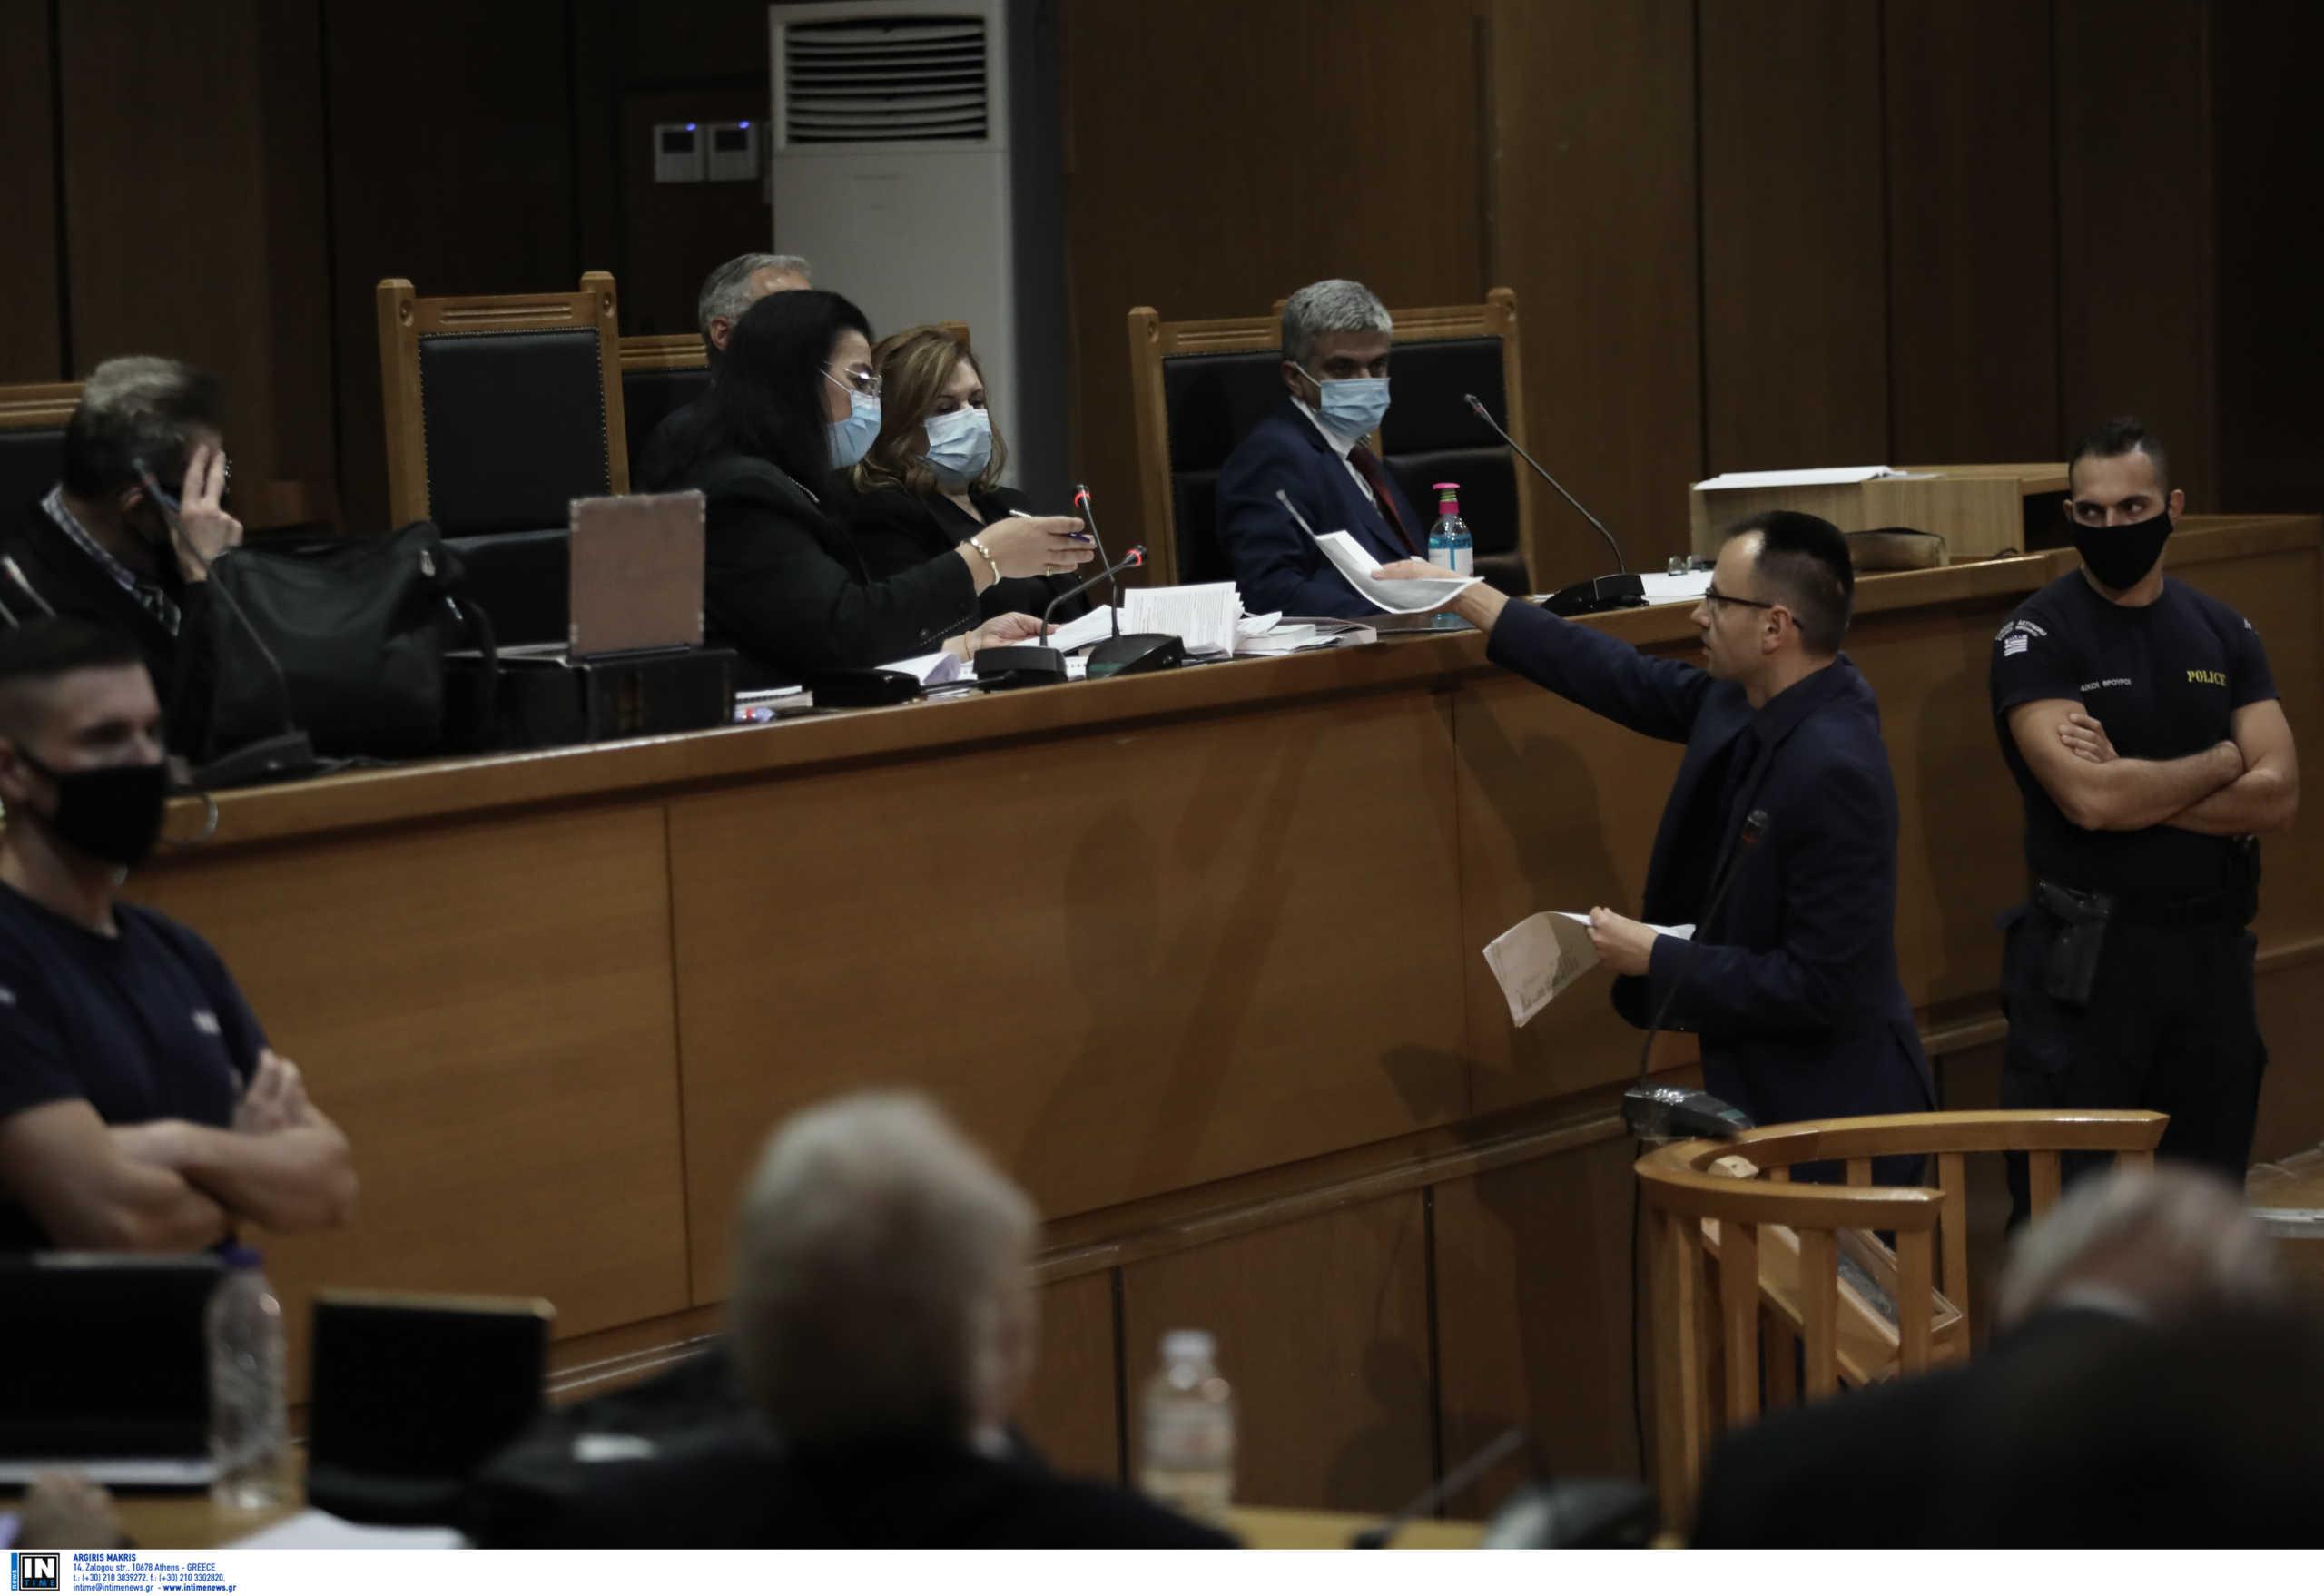 Δίκη Χρυσής Αυγής: Αύριο στις 12 οι ποινές για τους καταδικασθέντες